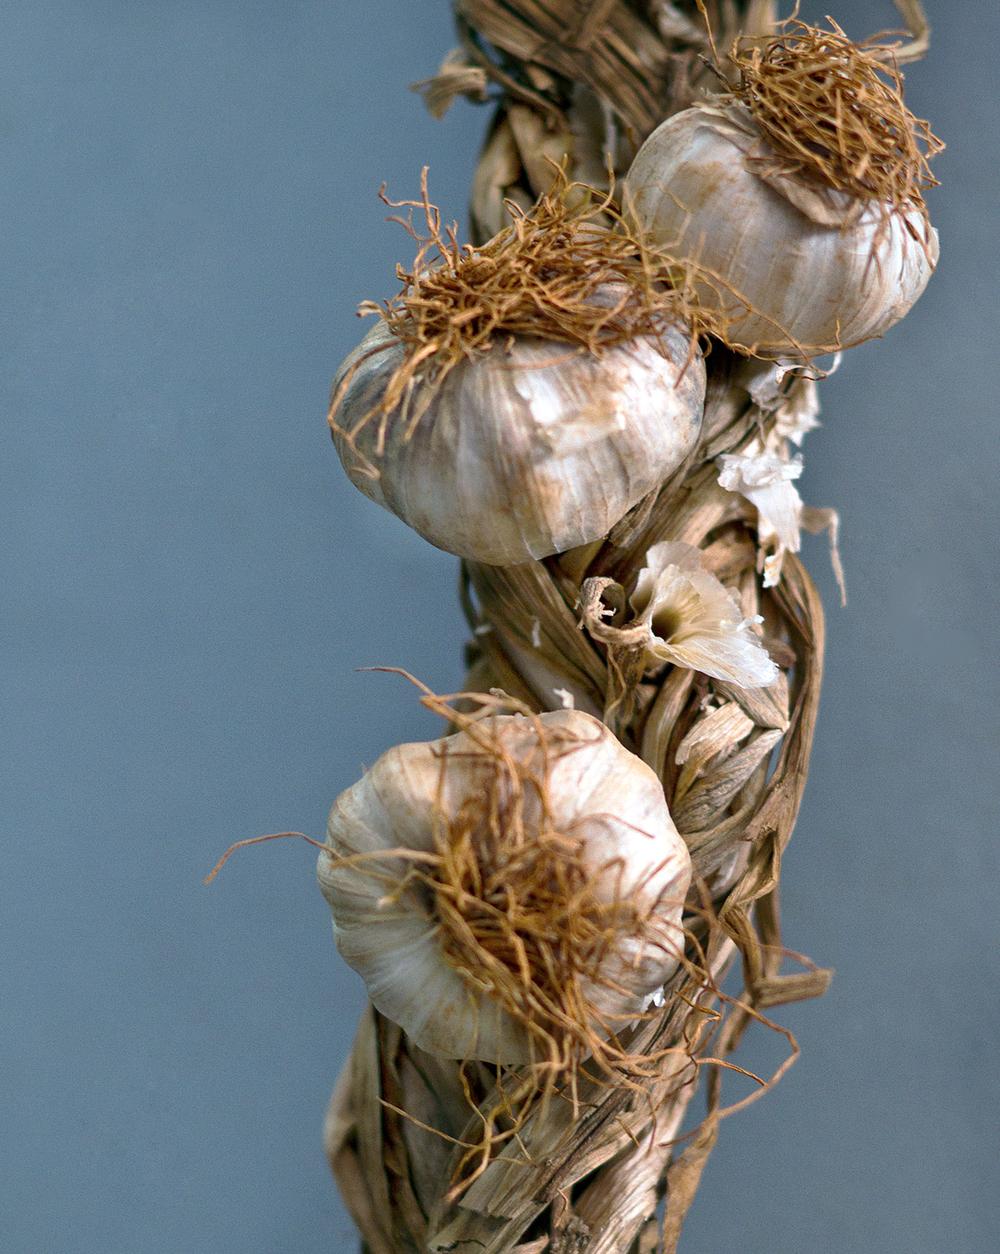 garlic_8x10.jpg